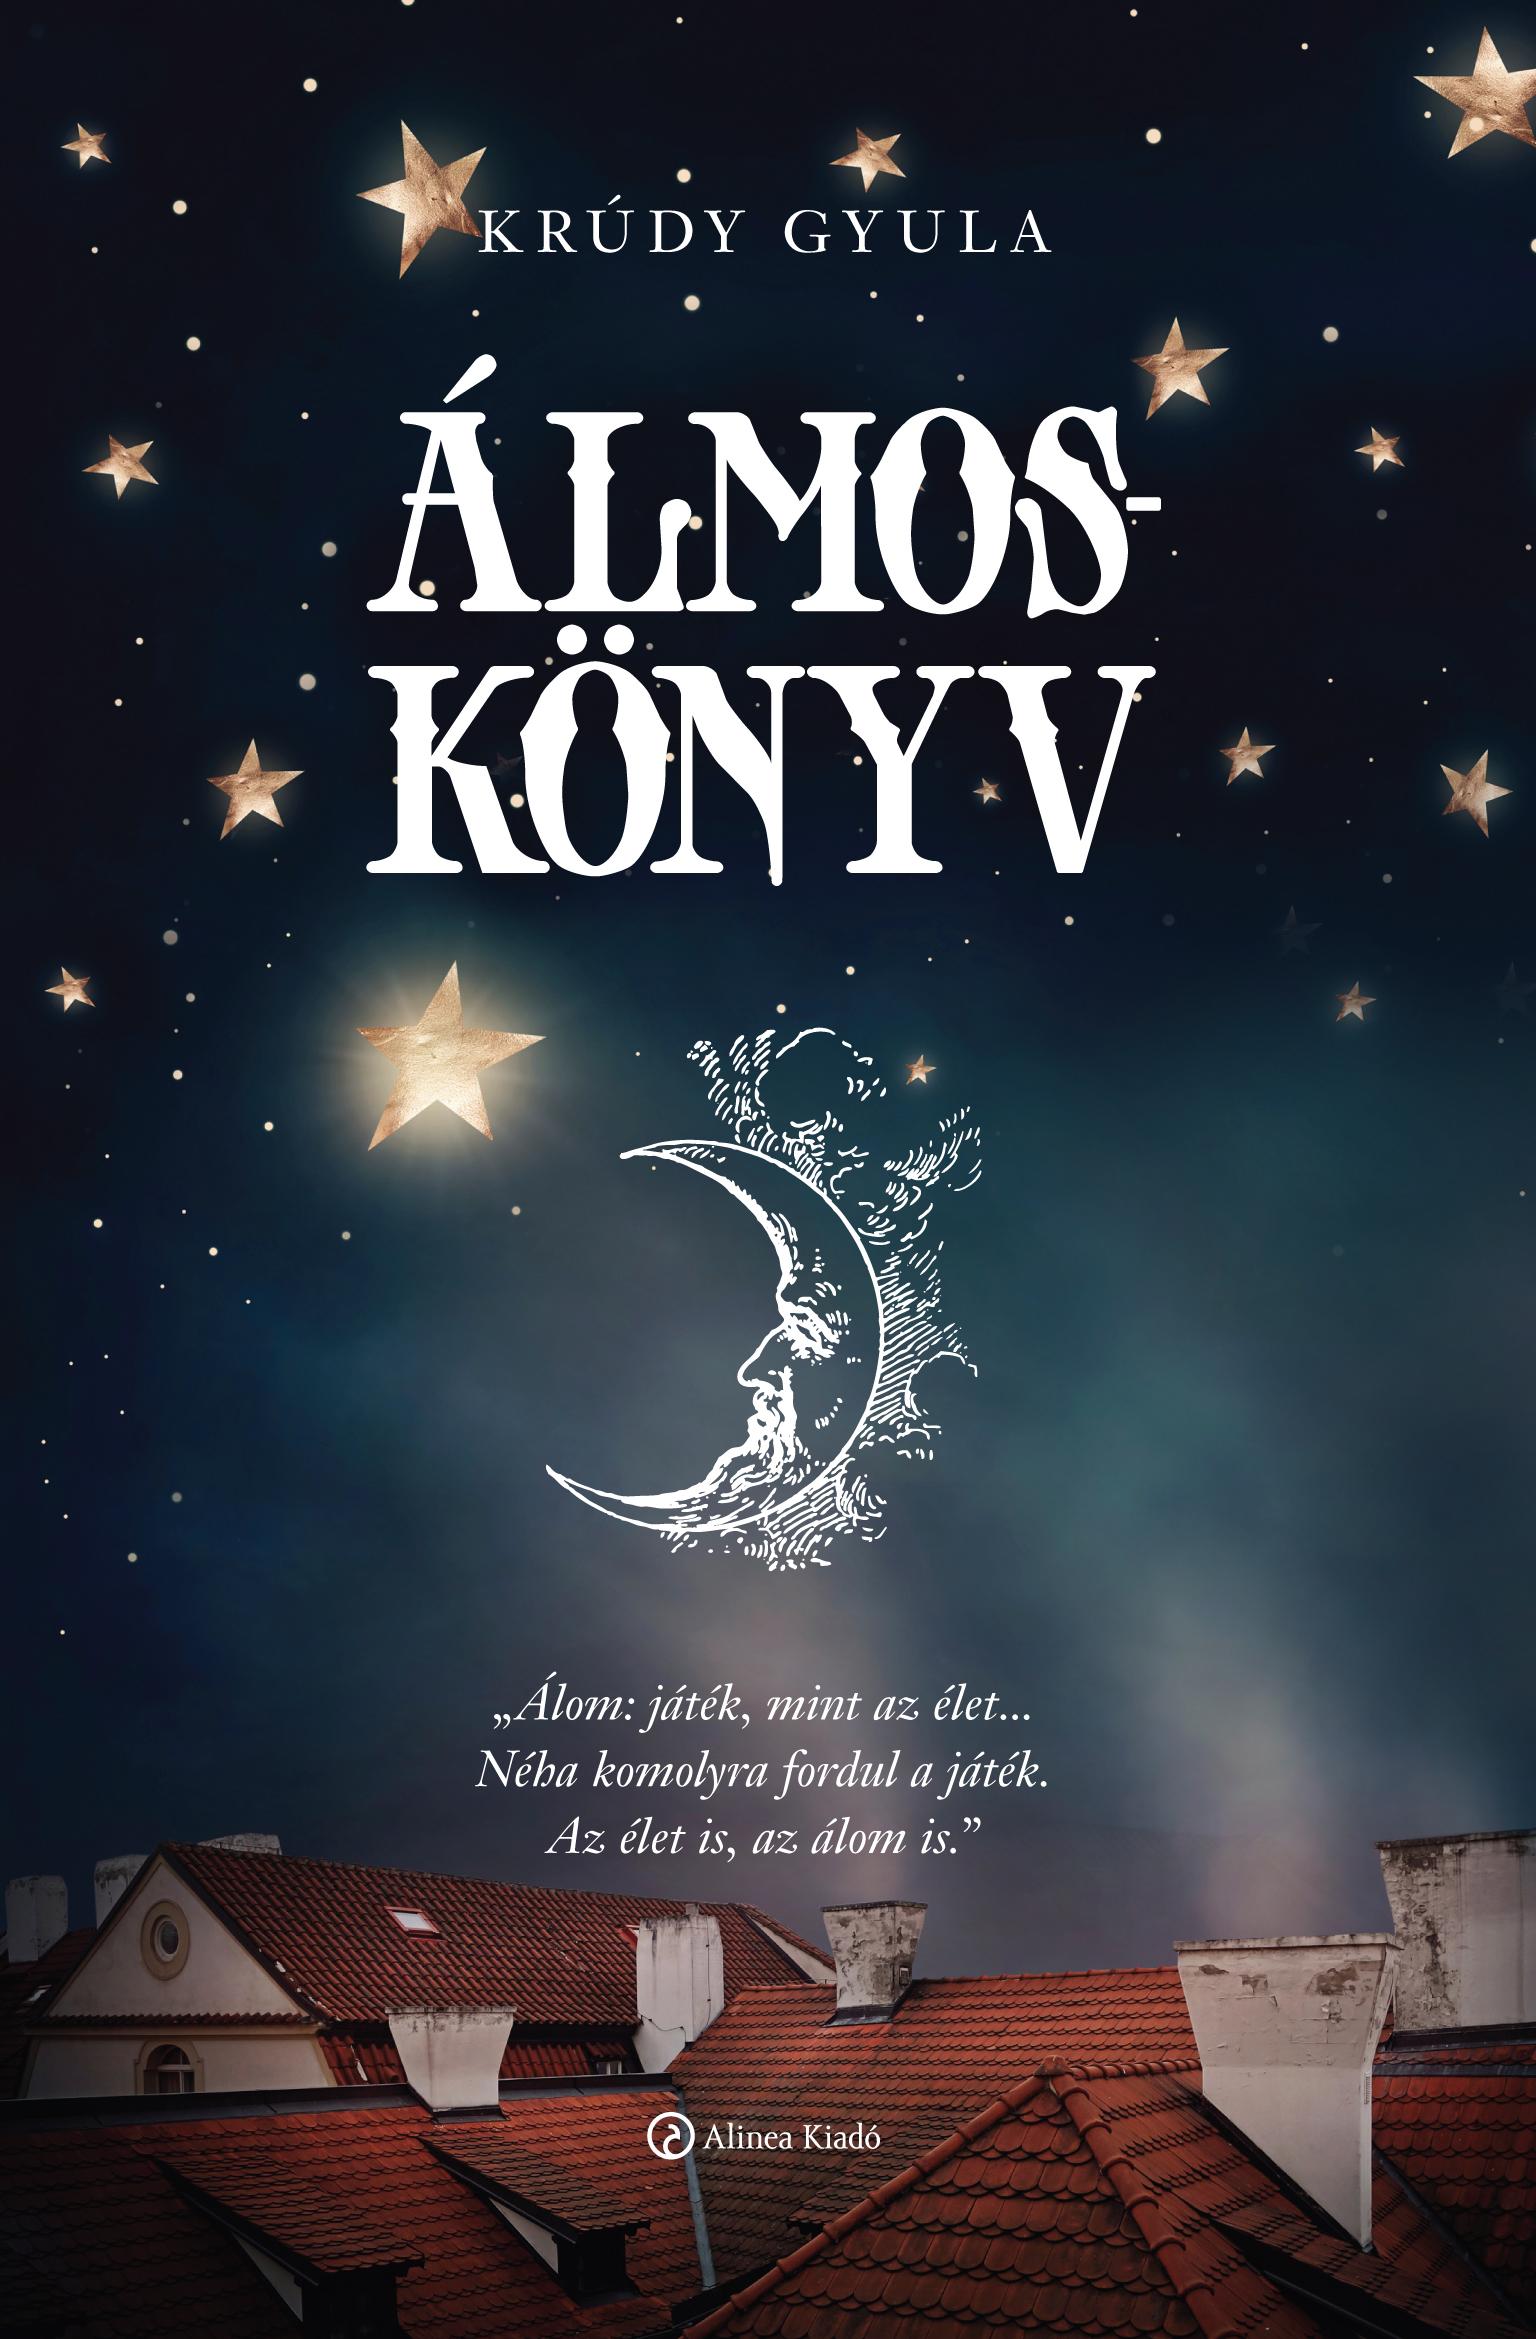 Álmoskönyv, Krúdy Gyula, álomfejtés